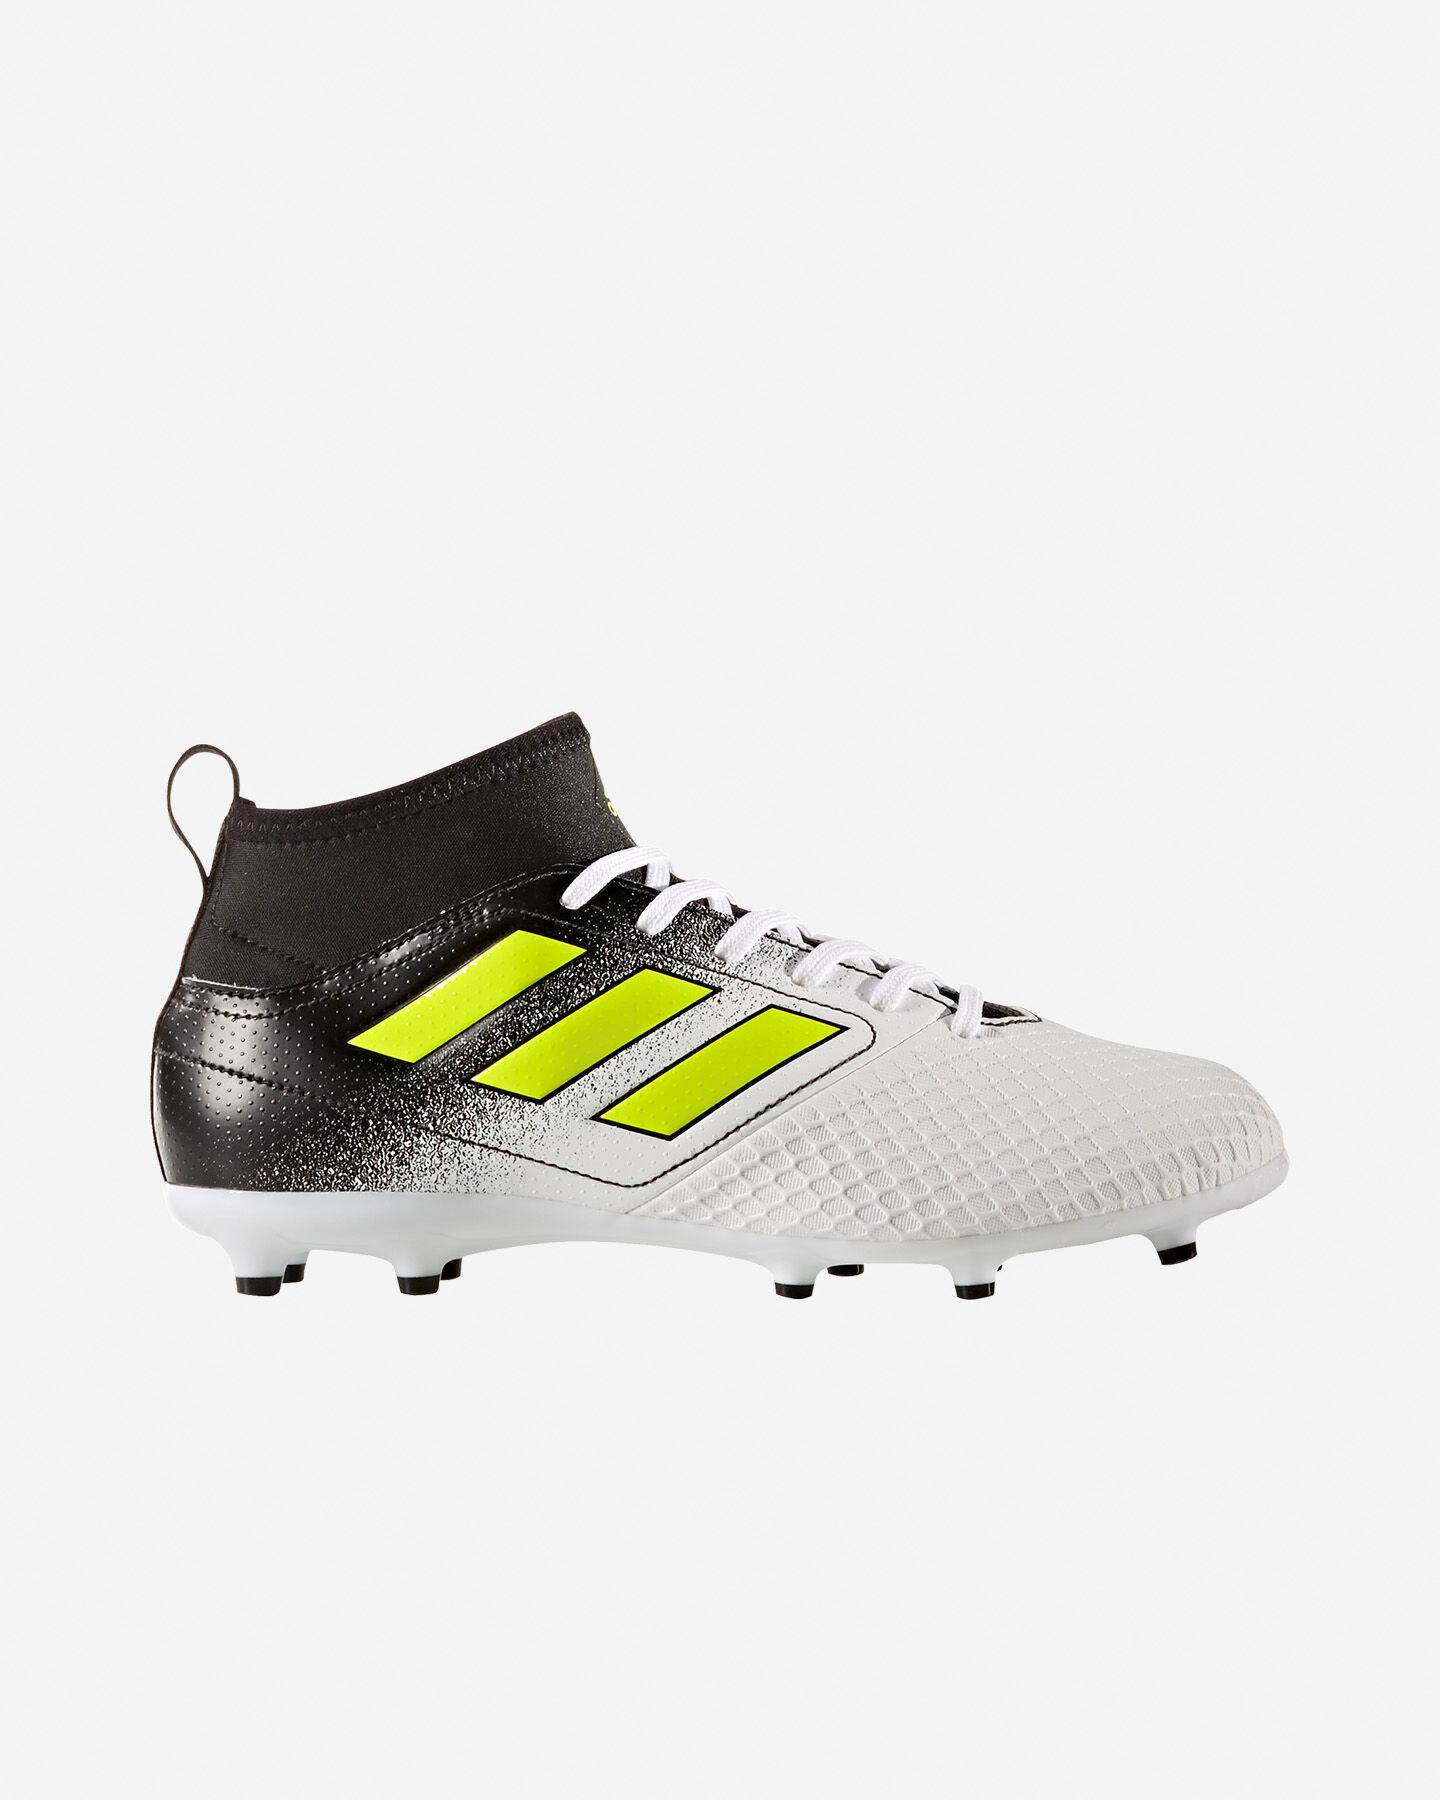 Acquista 2 OFF QUALSIASI scarpe calcio bambino cisalfa CASE E ... 47a06e02acc